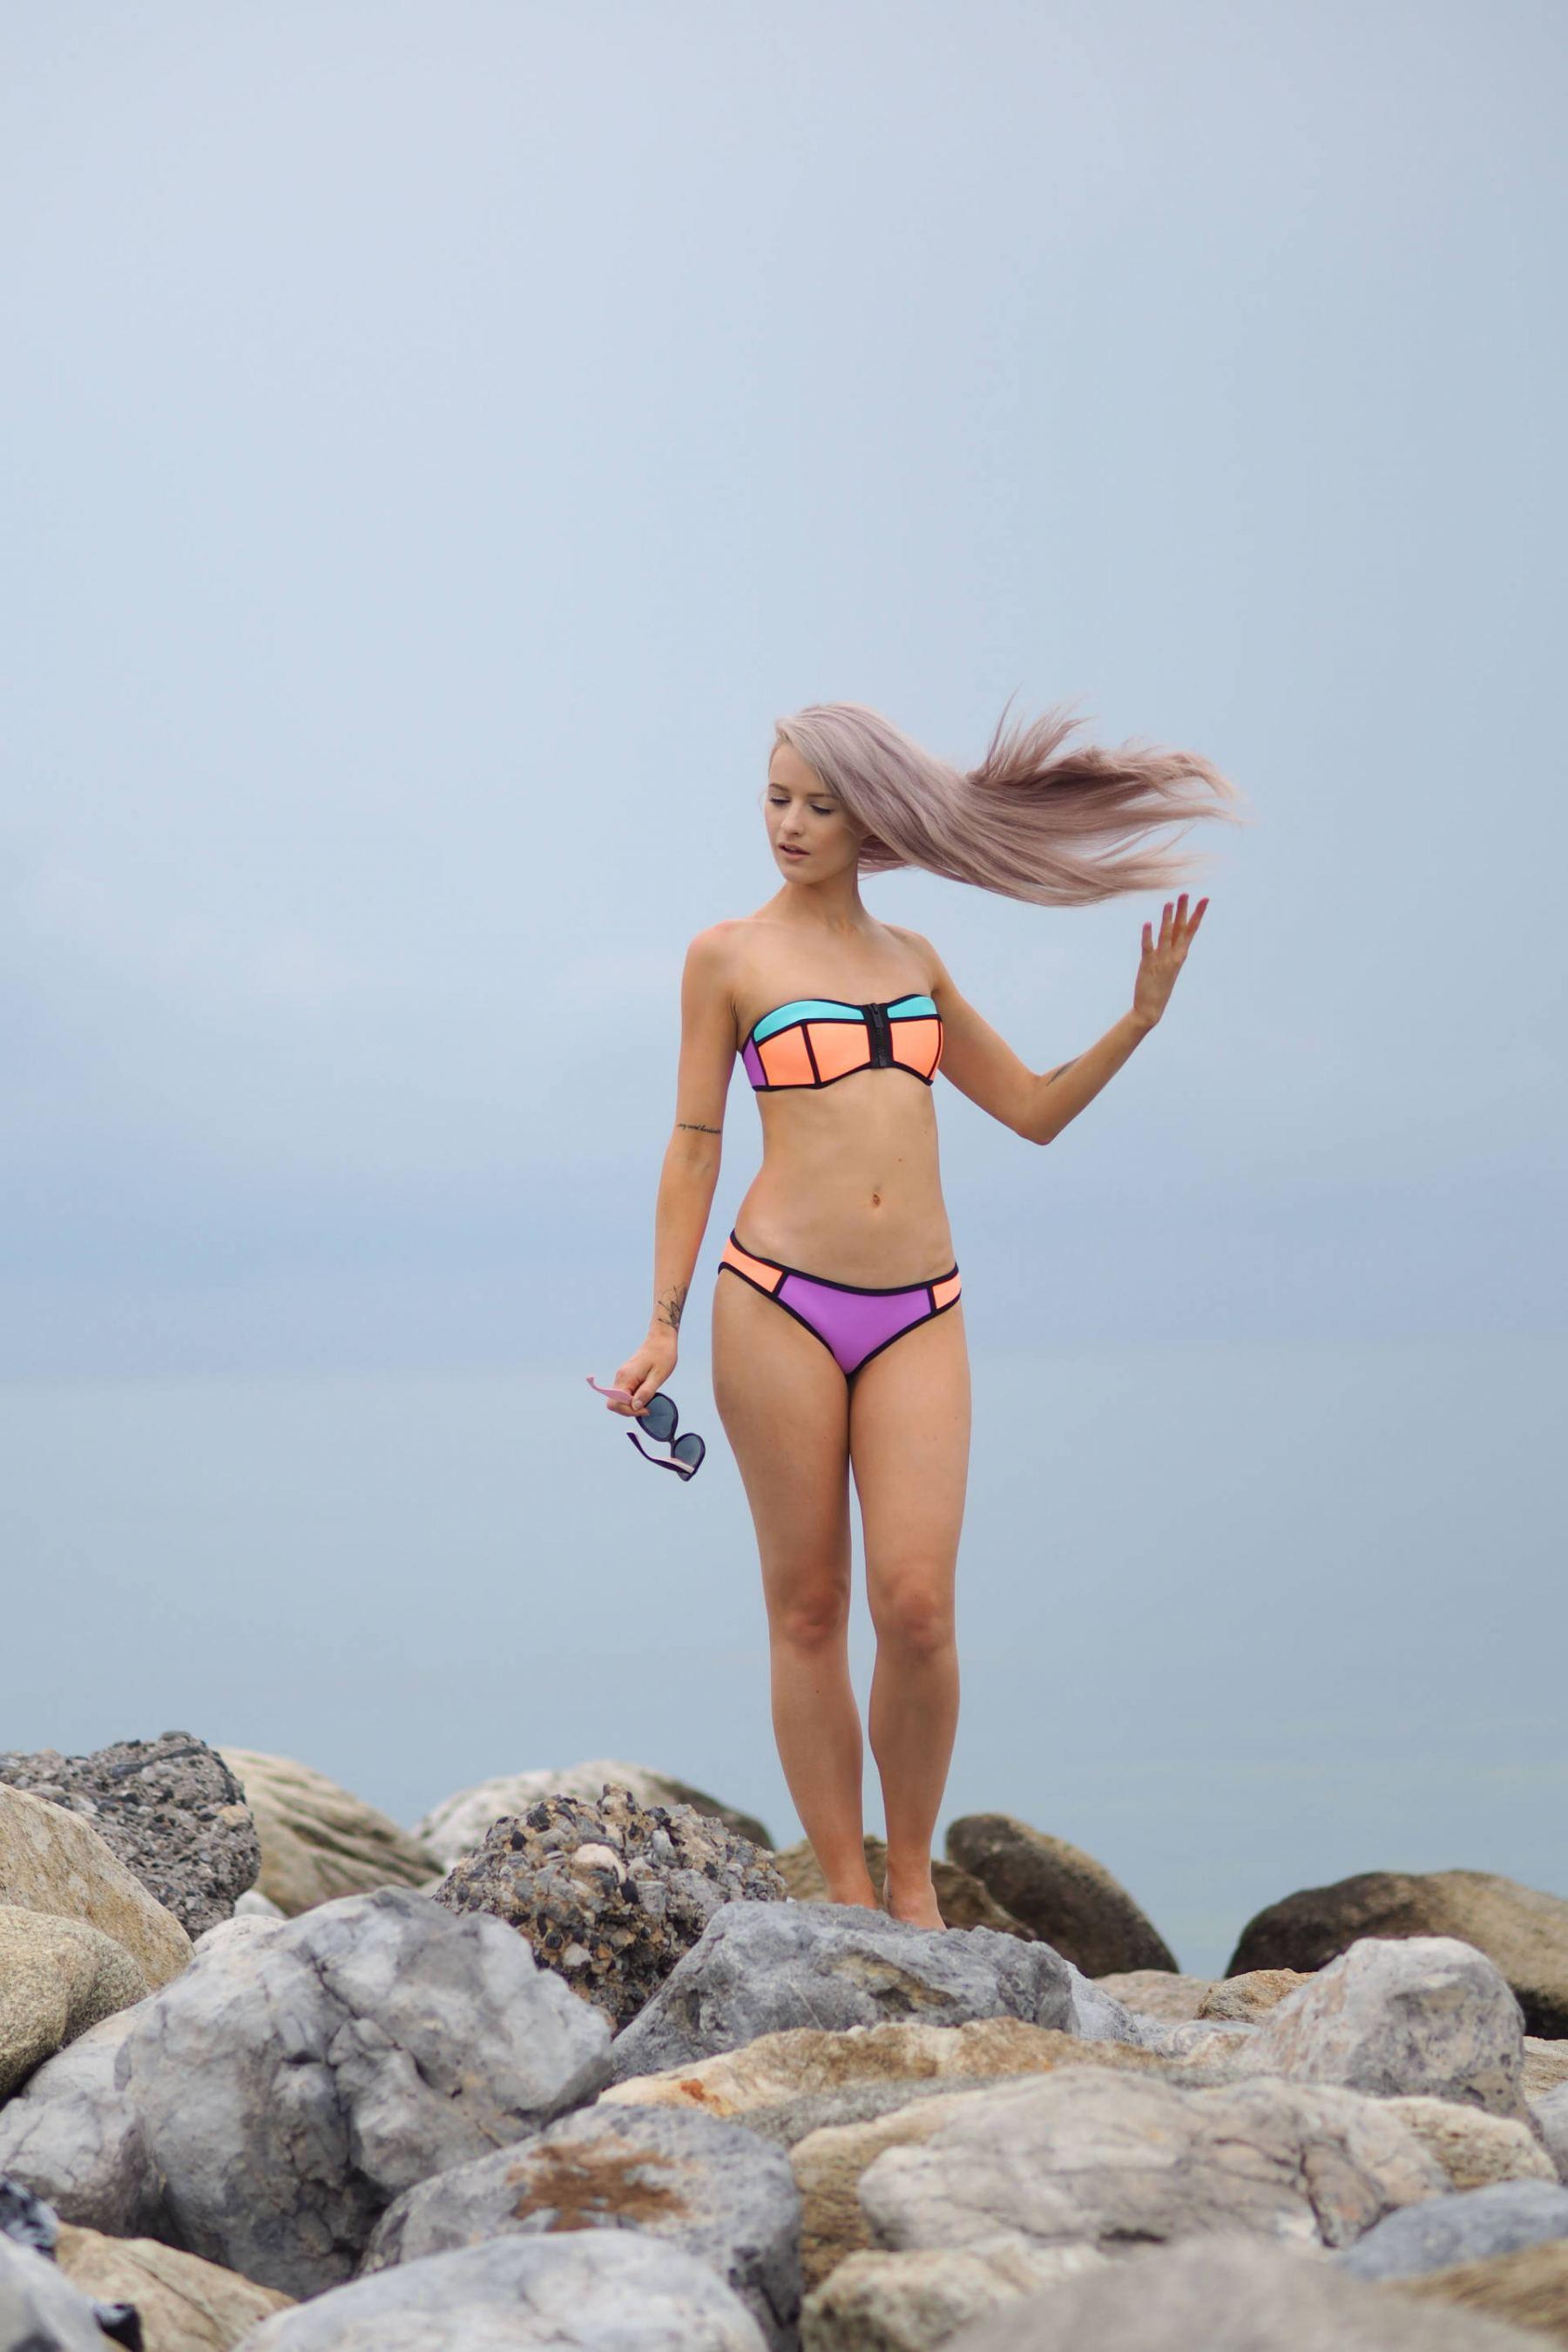 triangl bikini in greece